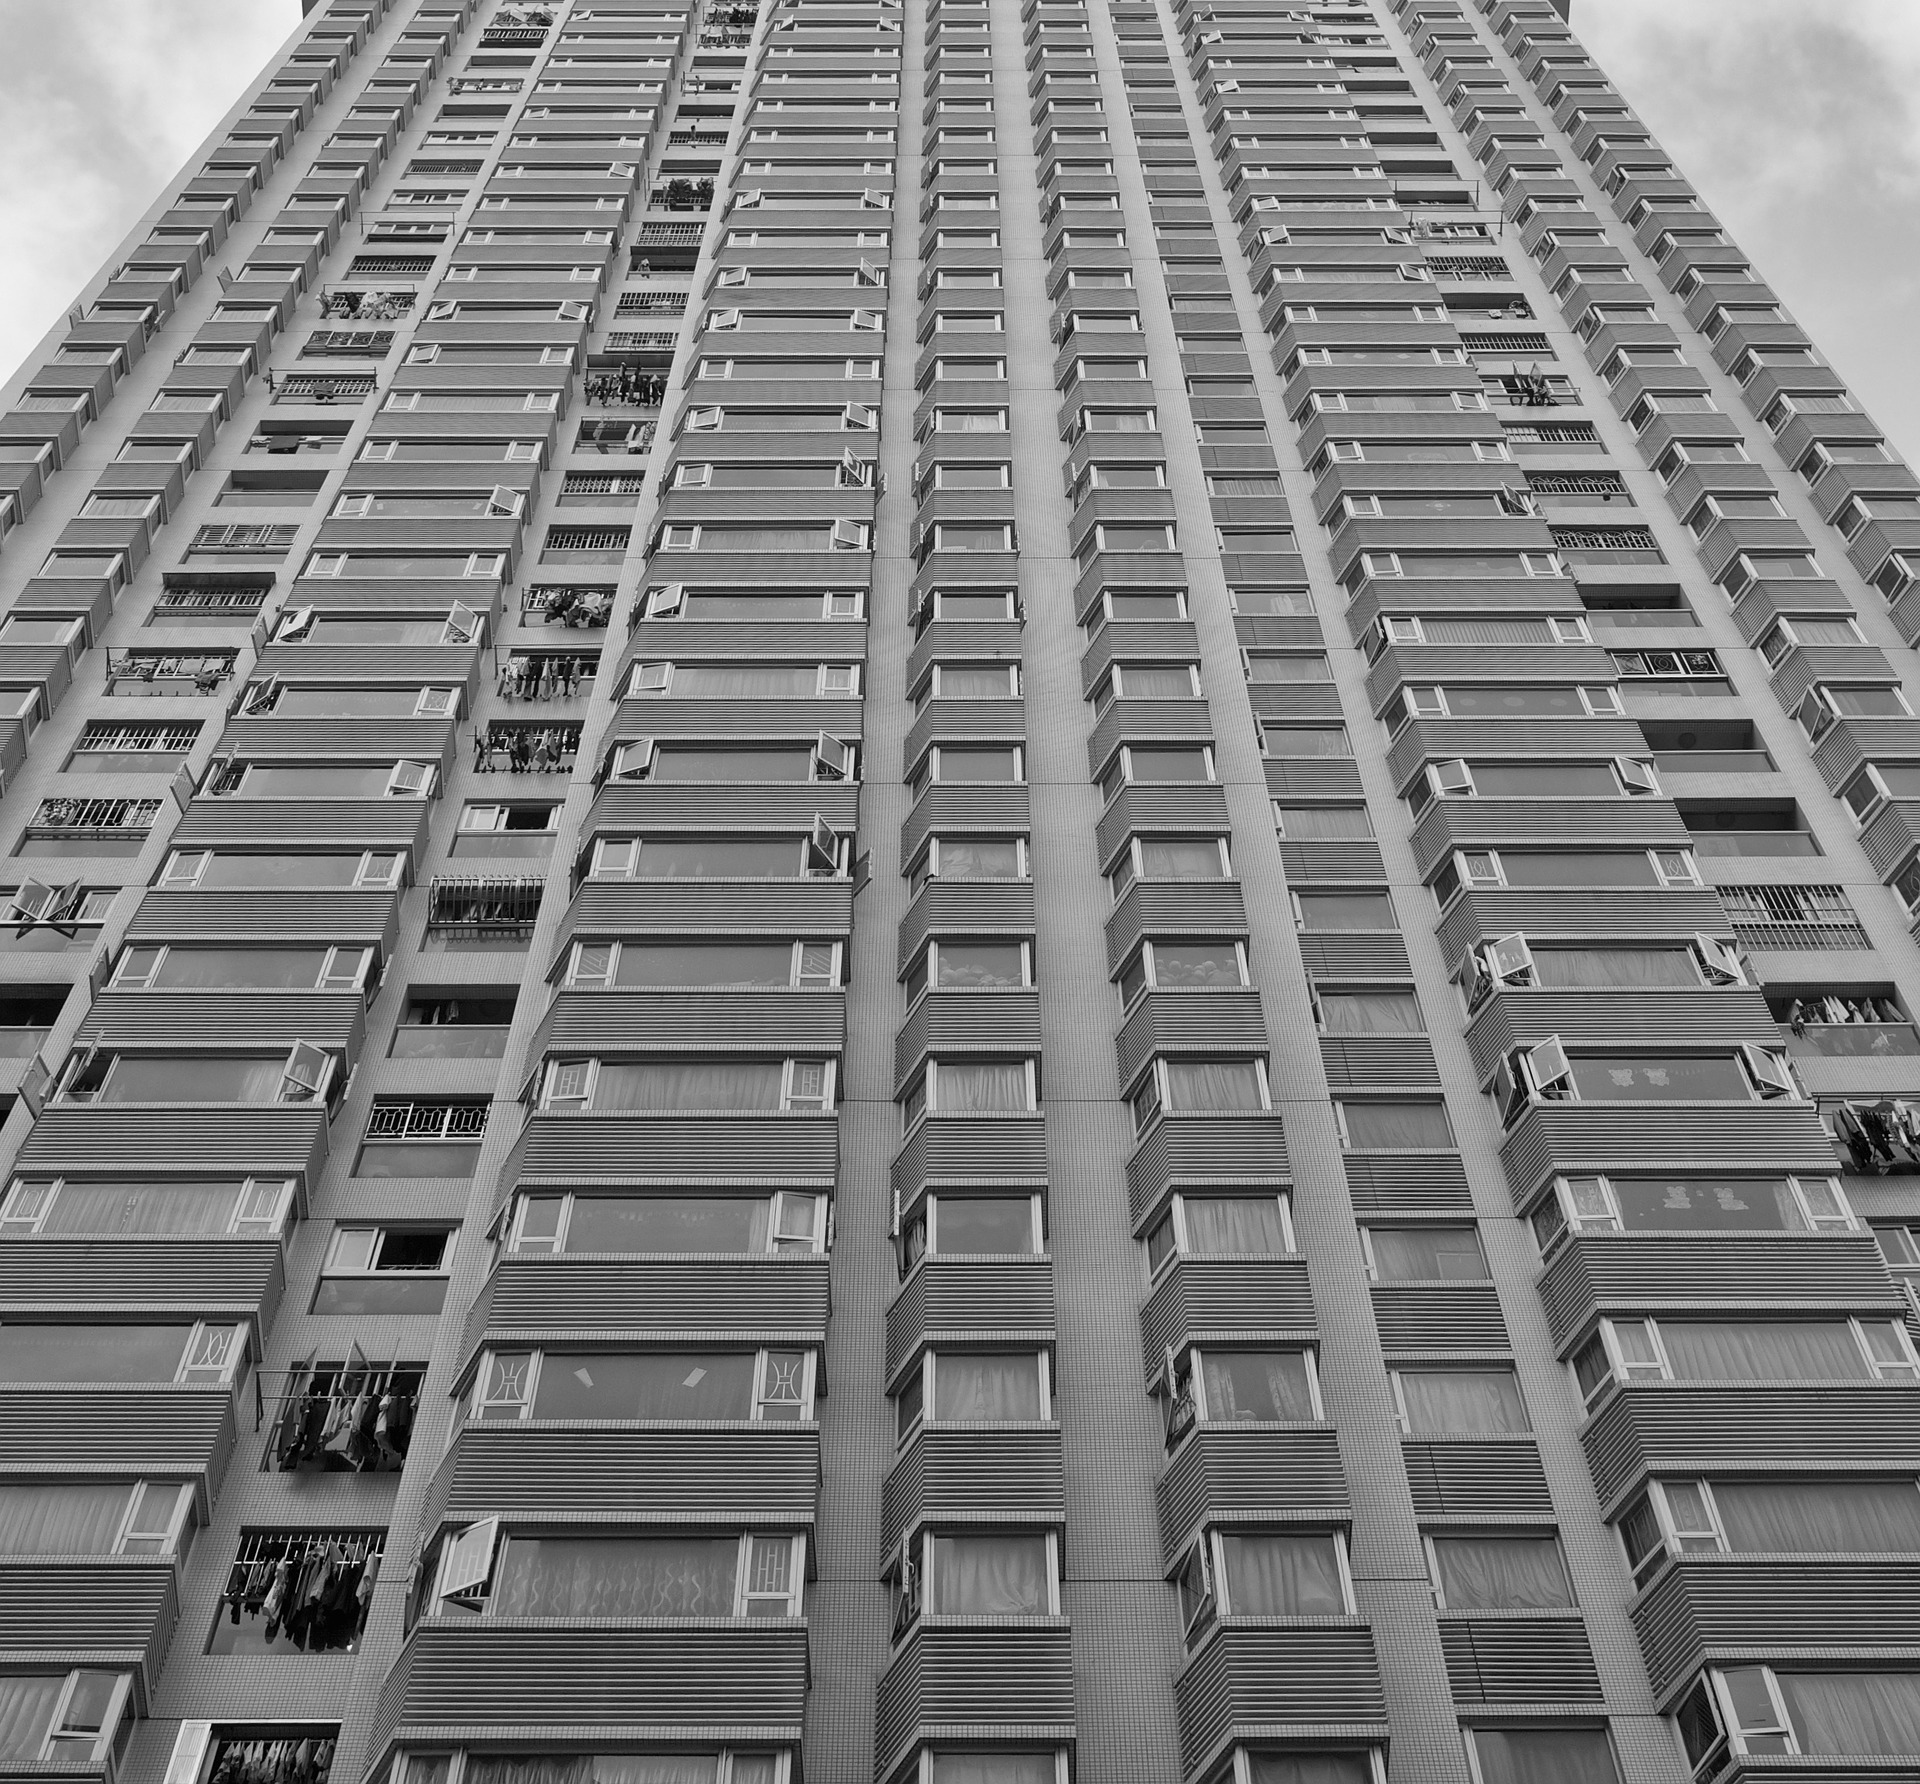 condominium-1149194_1920